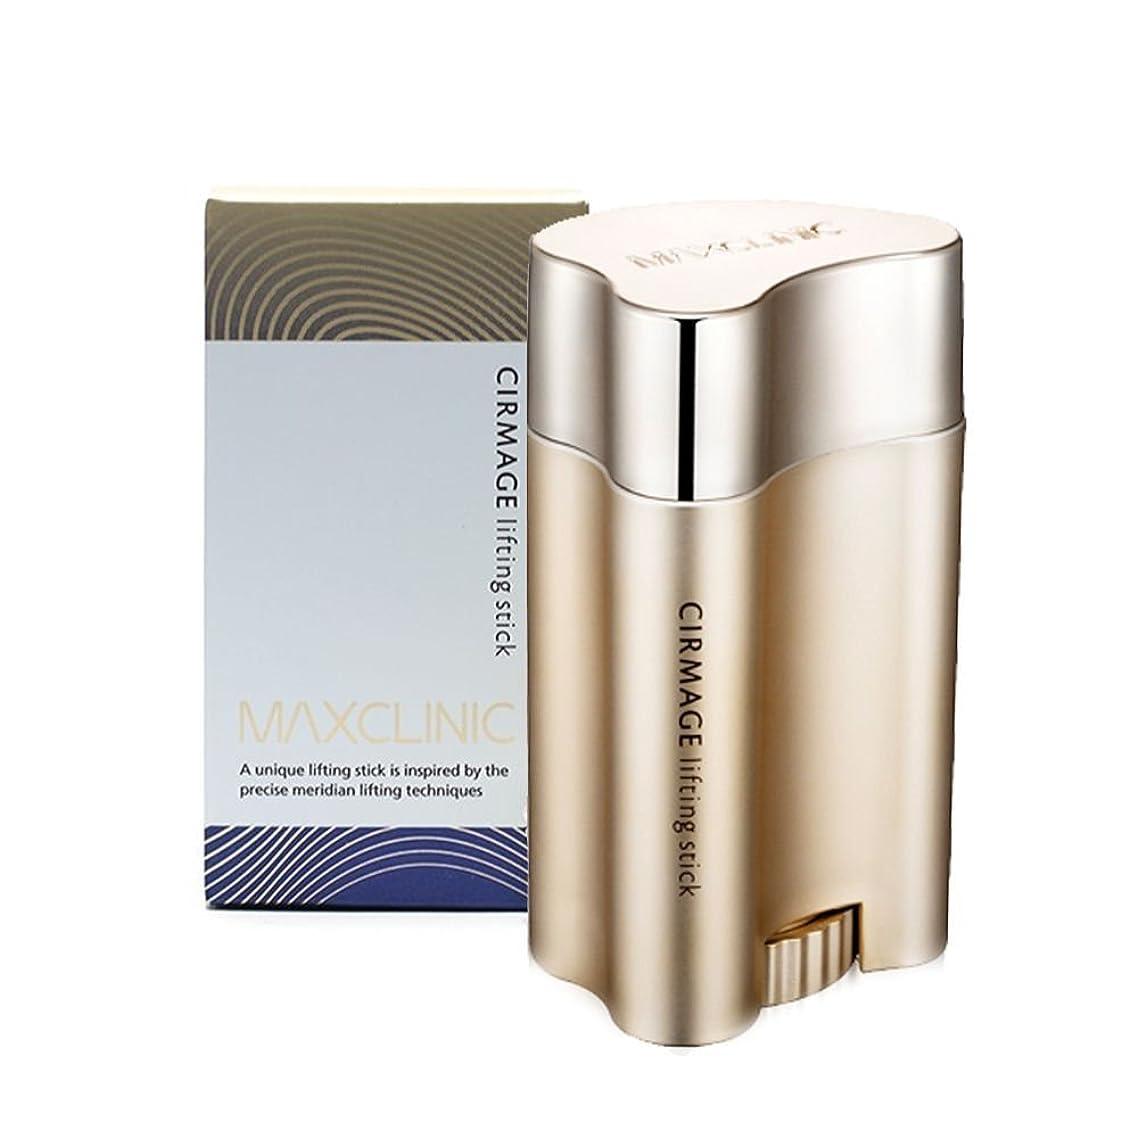 ベスビオ山モデレータ鉛MAXCLINIC マックスクリニック サーメージ リフティング スティック 23g(Cirmage Lifting Stick 23g)/Direct from Korea/w free Gift Sample [並行輸入品]